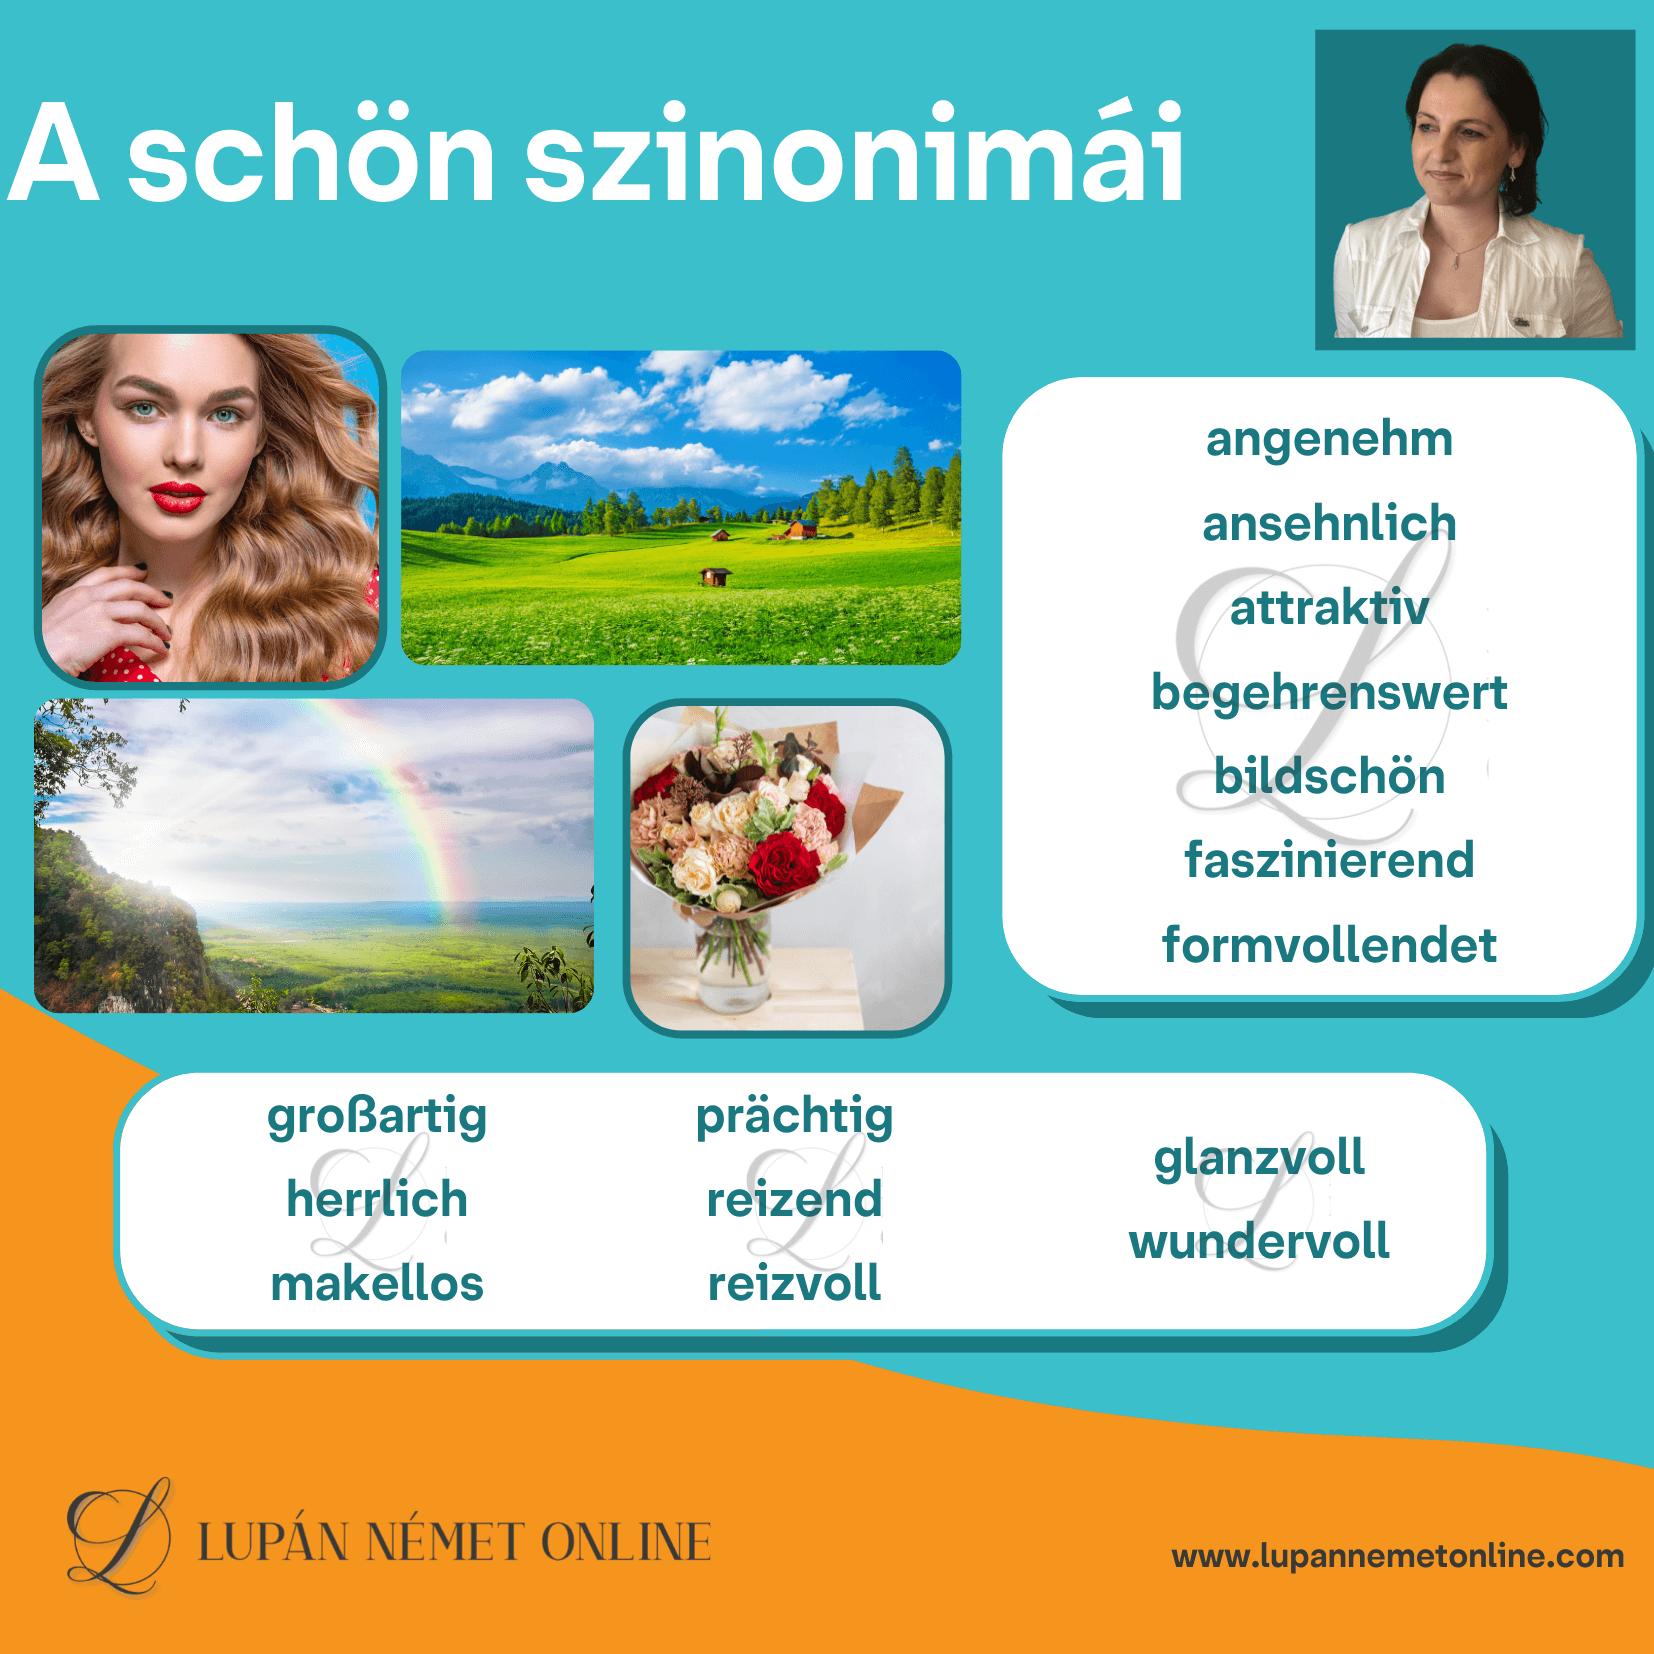 Schön_szinonimái